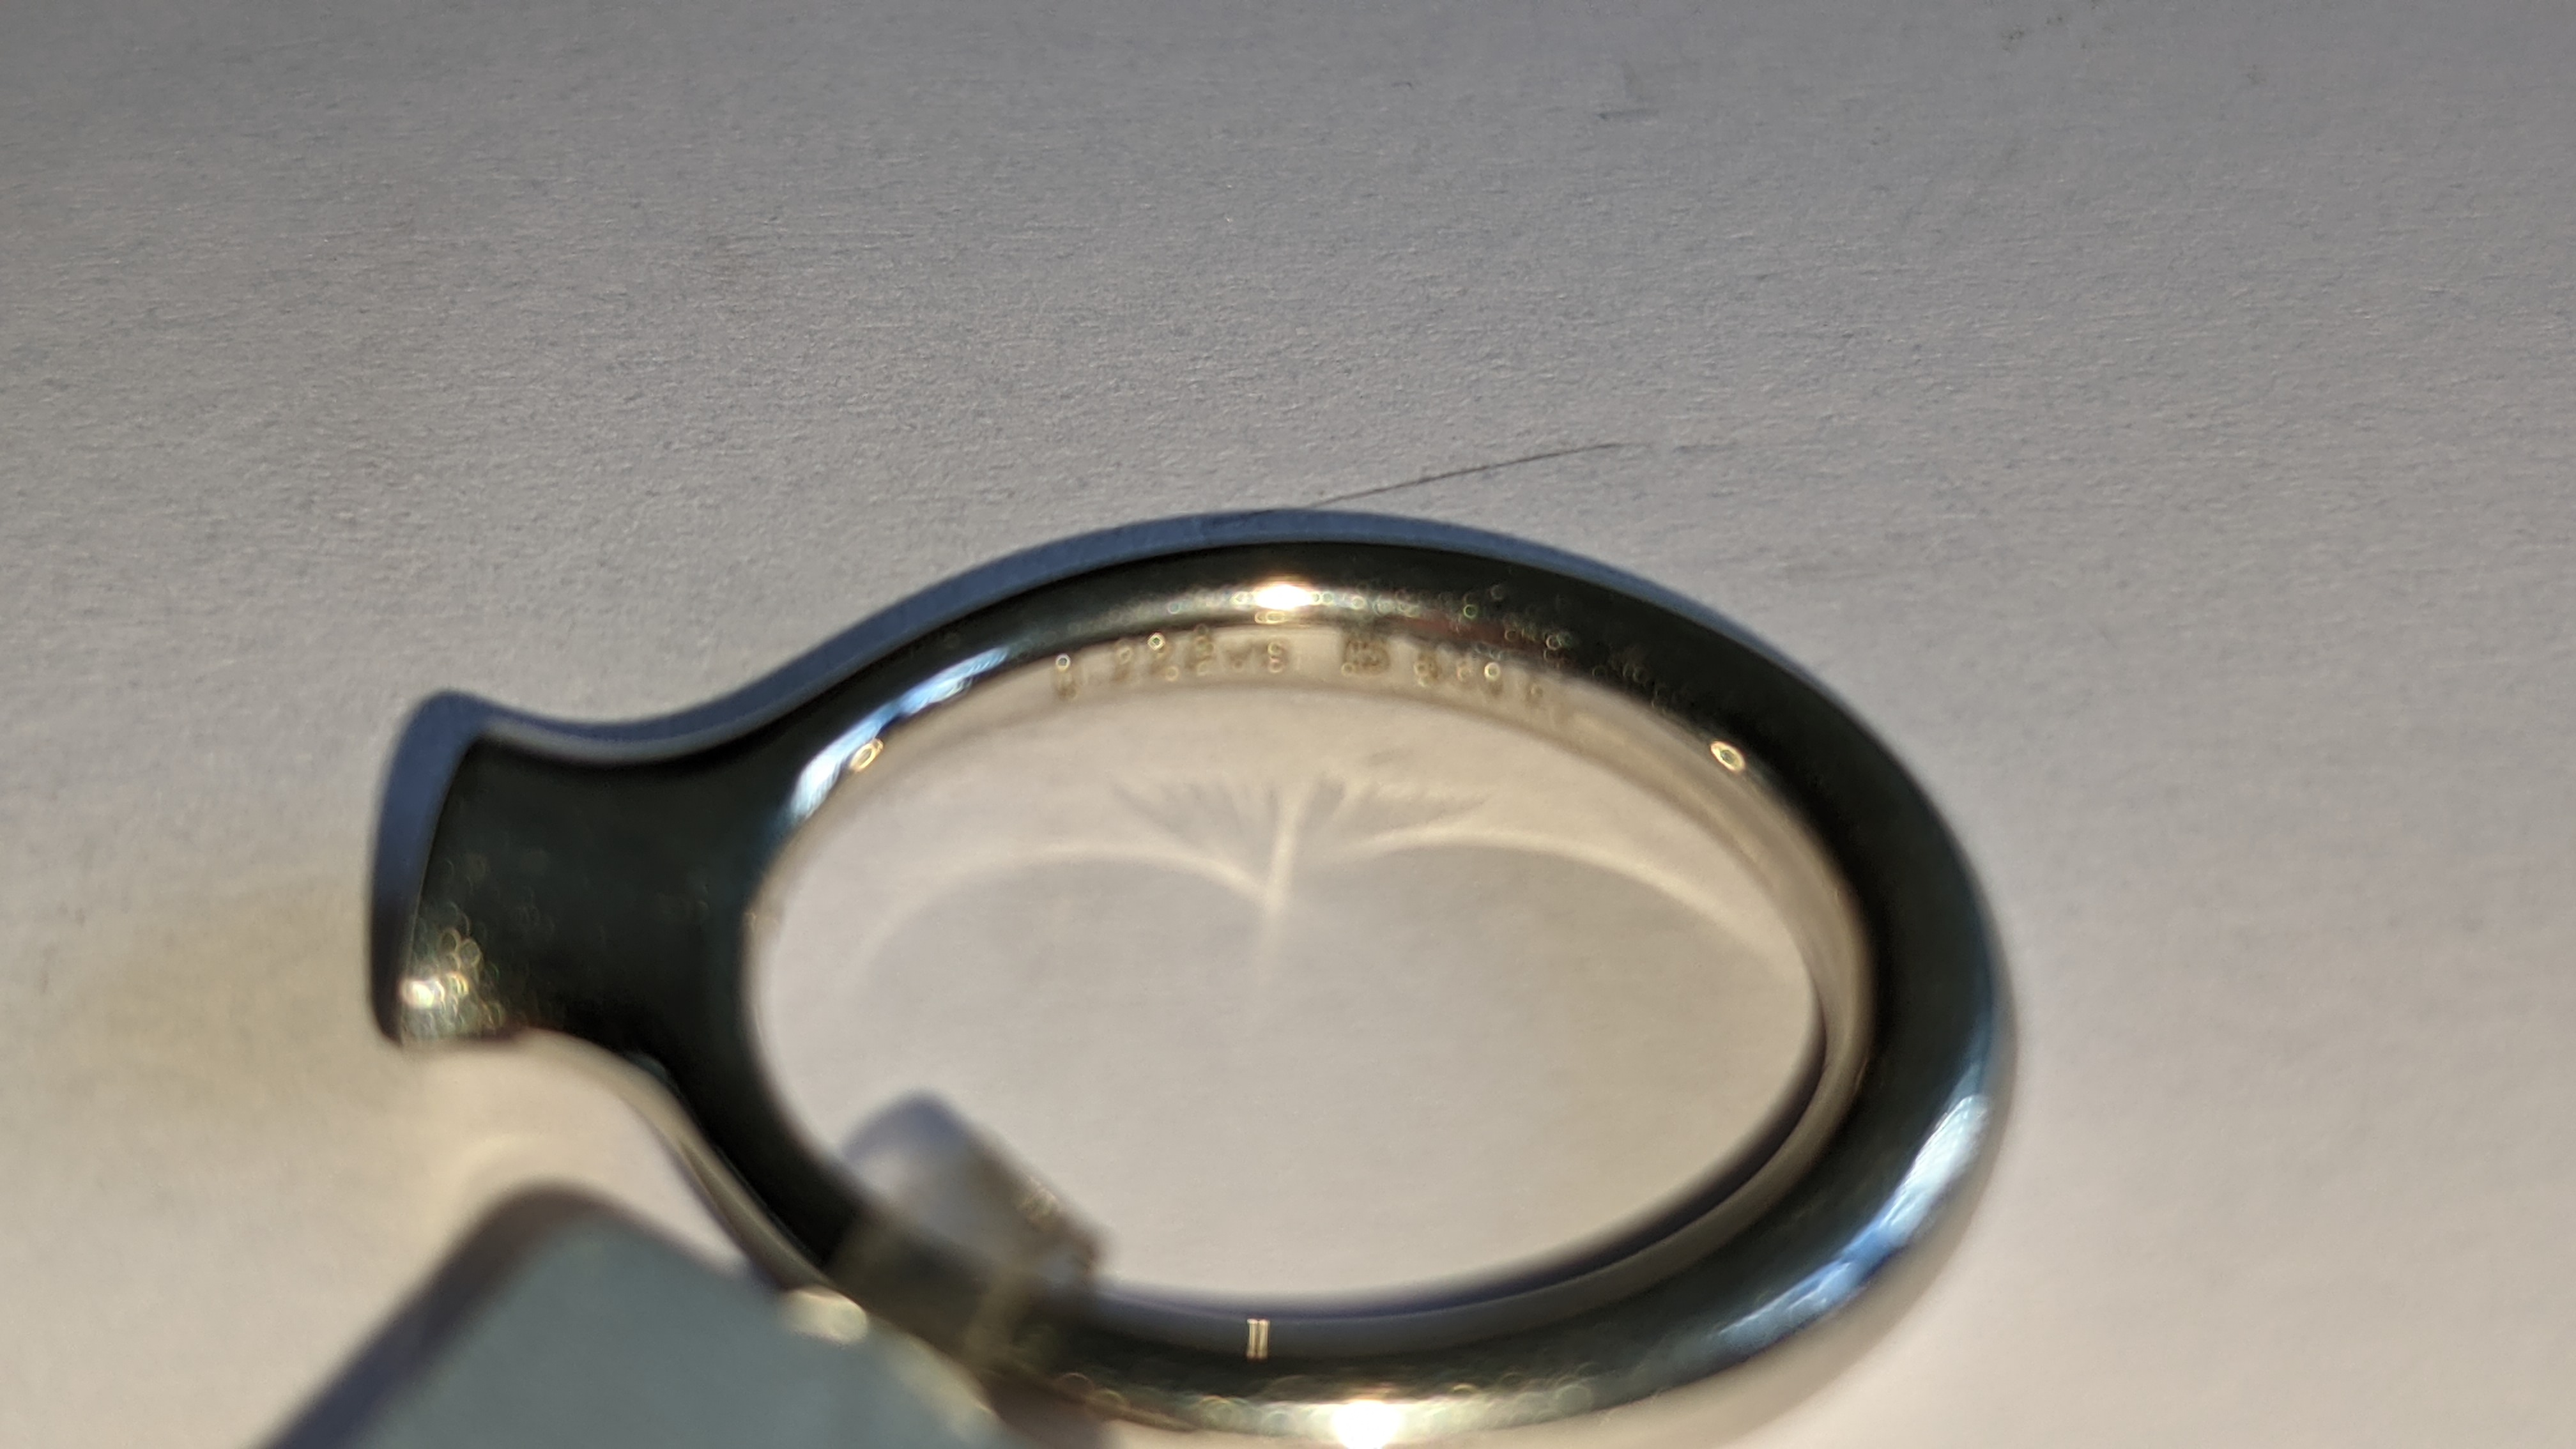 Platinum 950 & diamond ring with 0.22ct of G/VS diamond. RRP £2,502 - Image 10 of 14